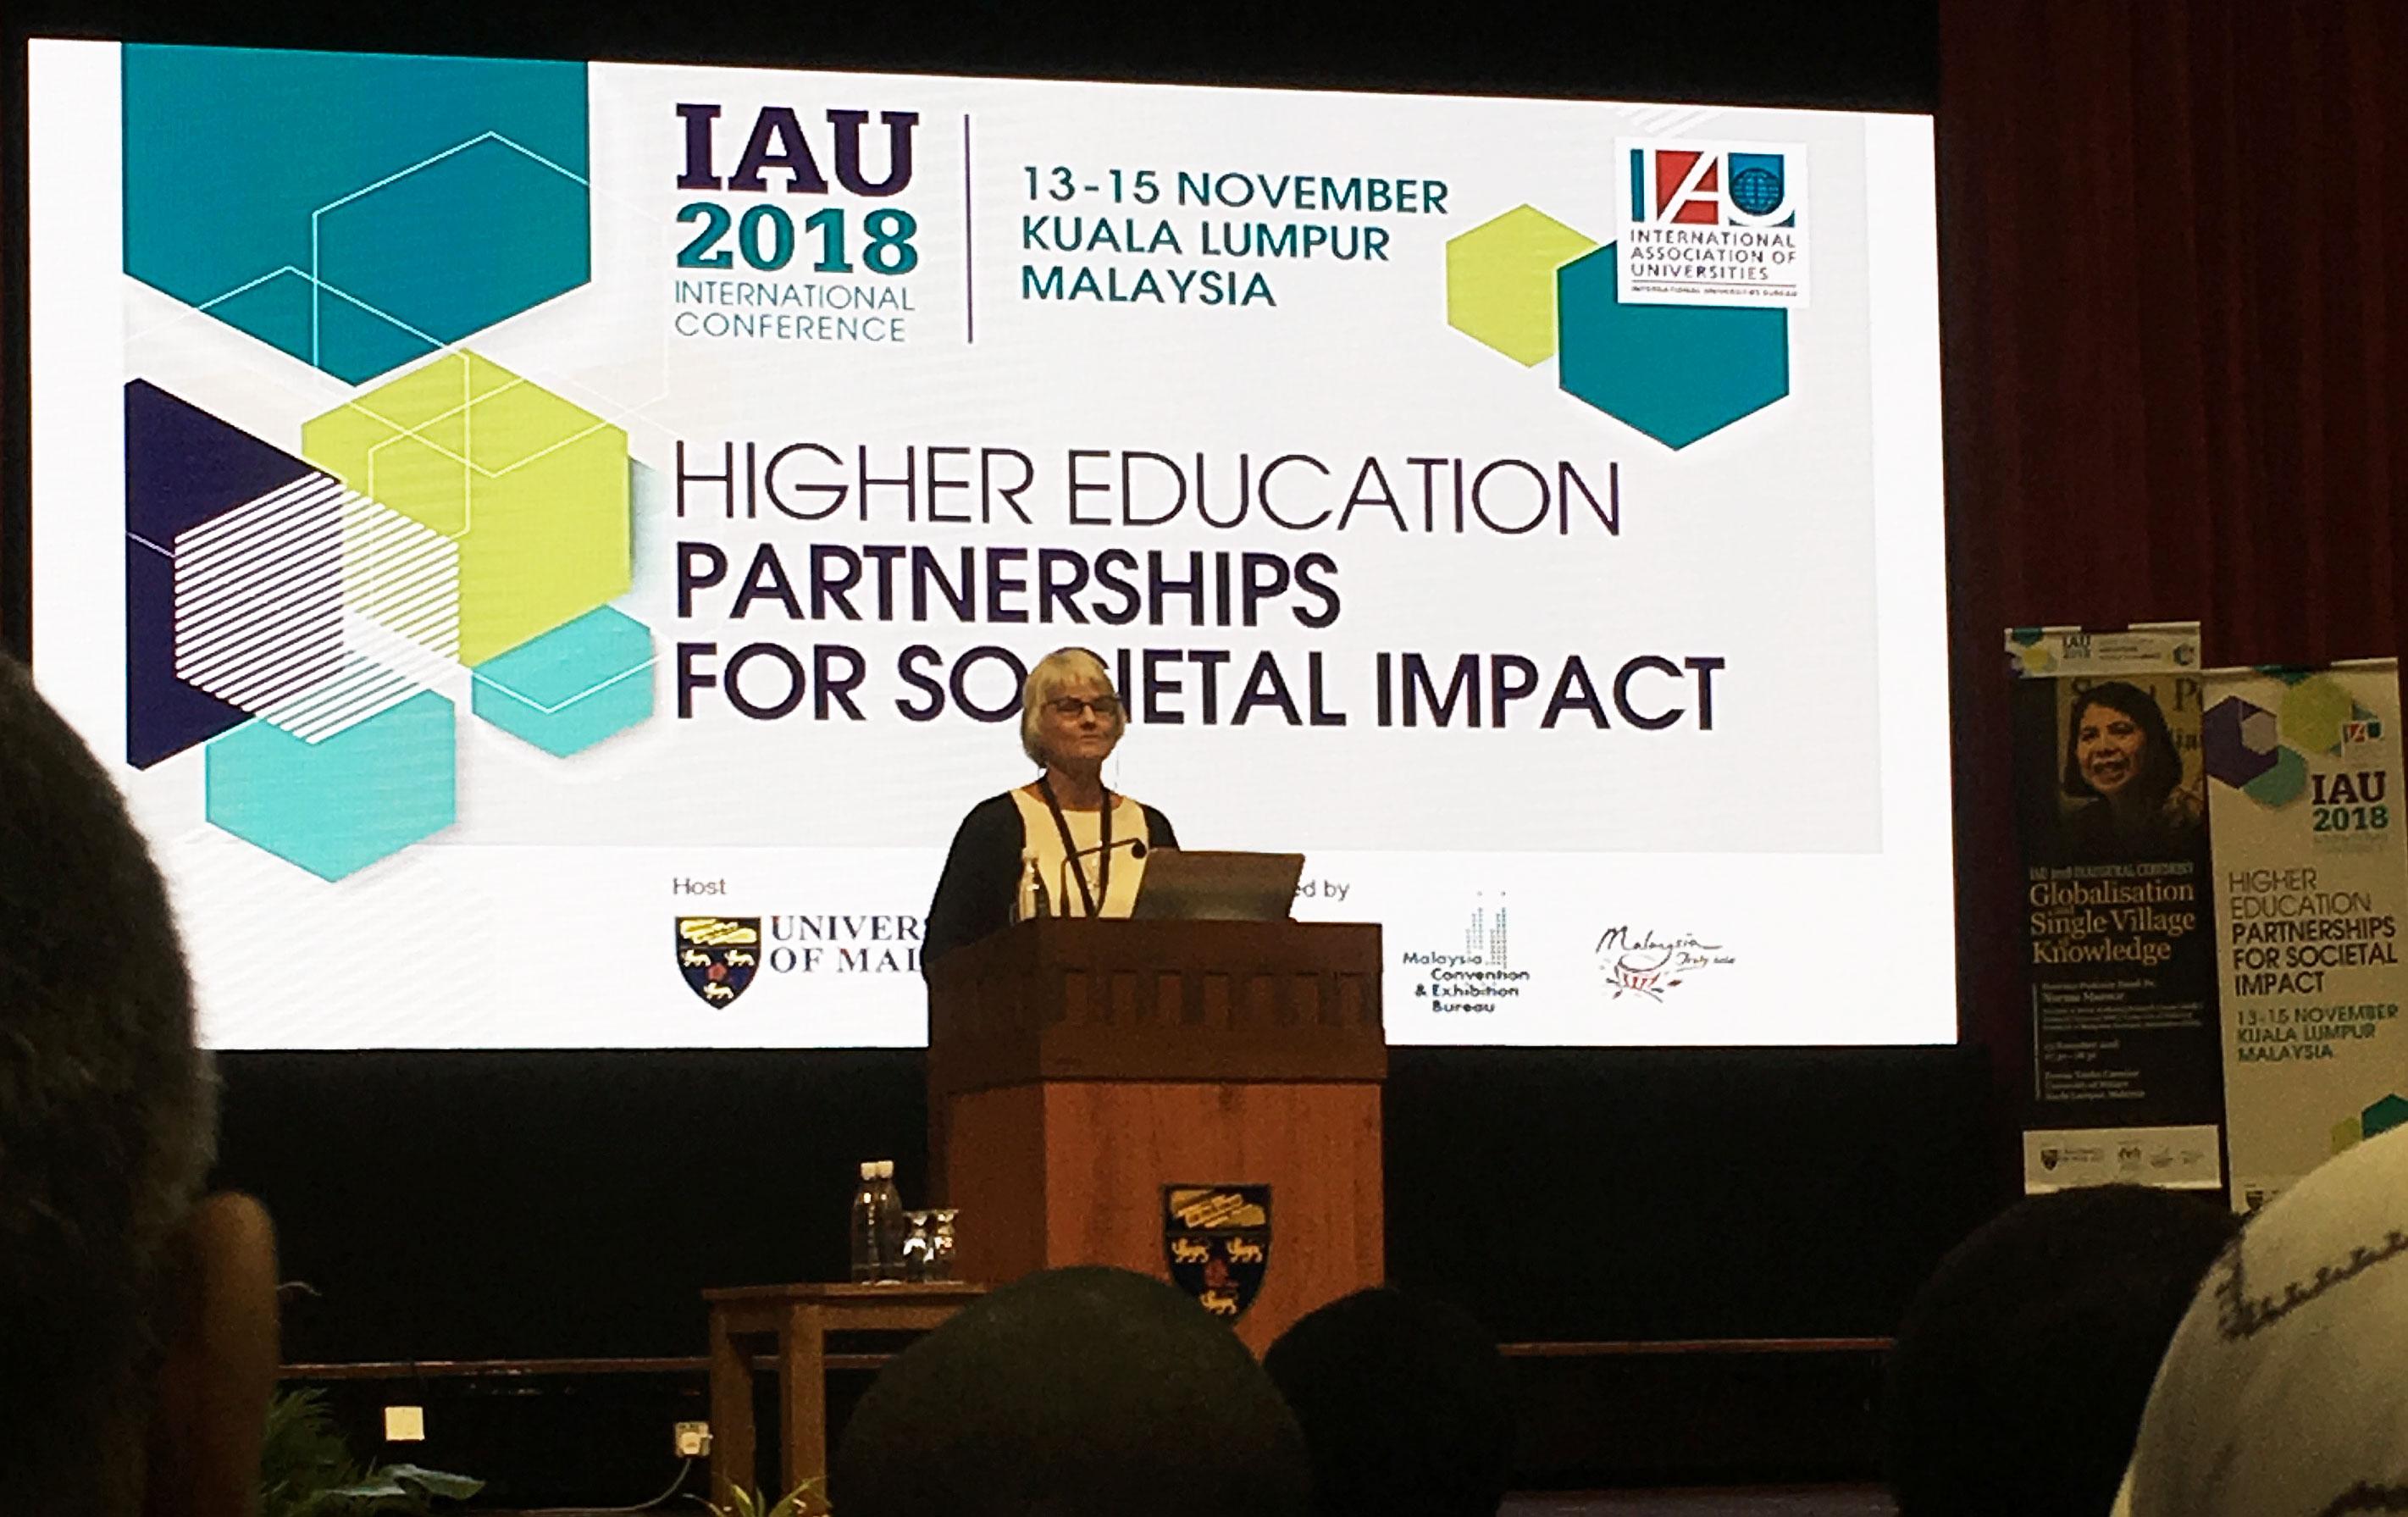 Pam Fredman, IAU, Kuala Lumpur.